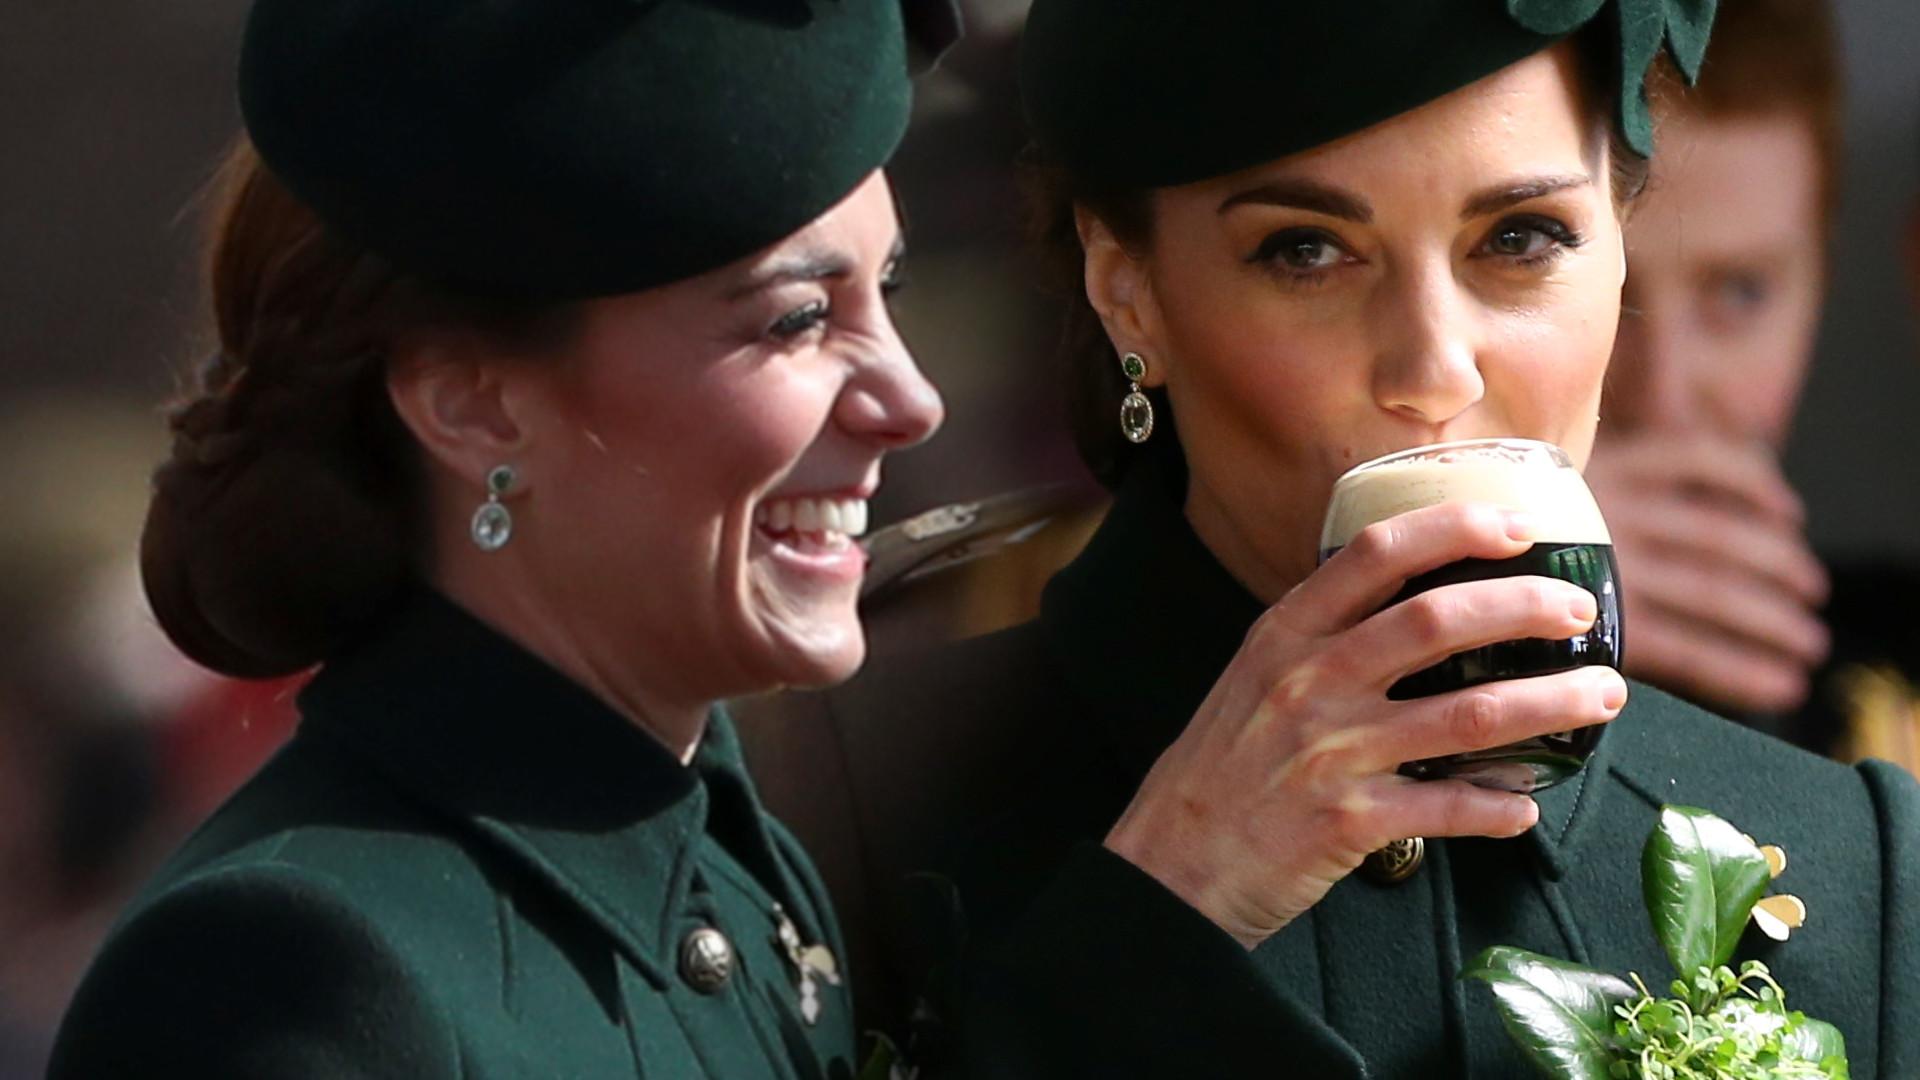 Kate Middleton w butelkowym płaszczu kosztuje irlandzkiego piwa (ZDJĘCIA)